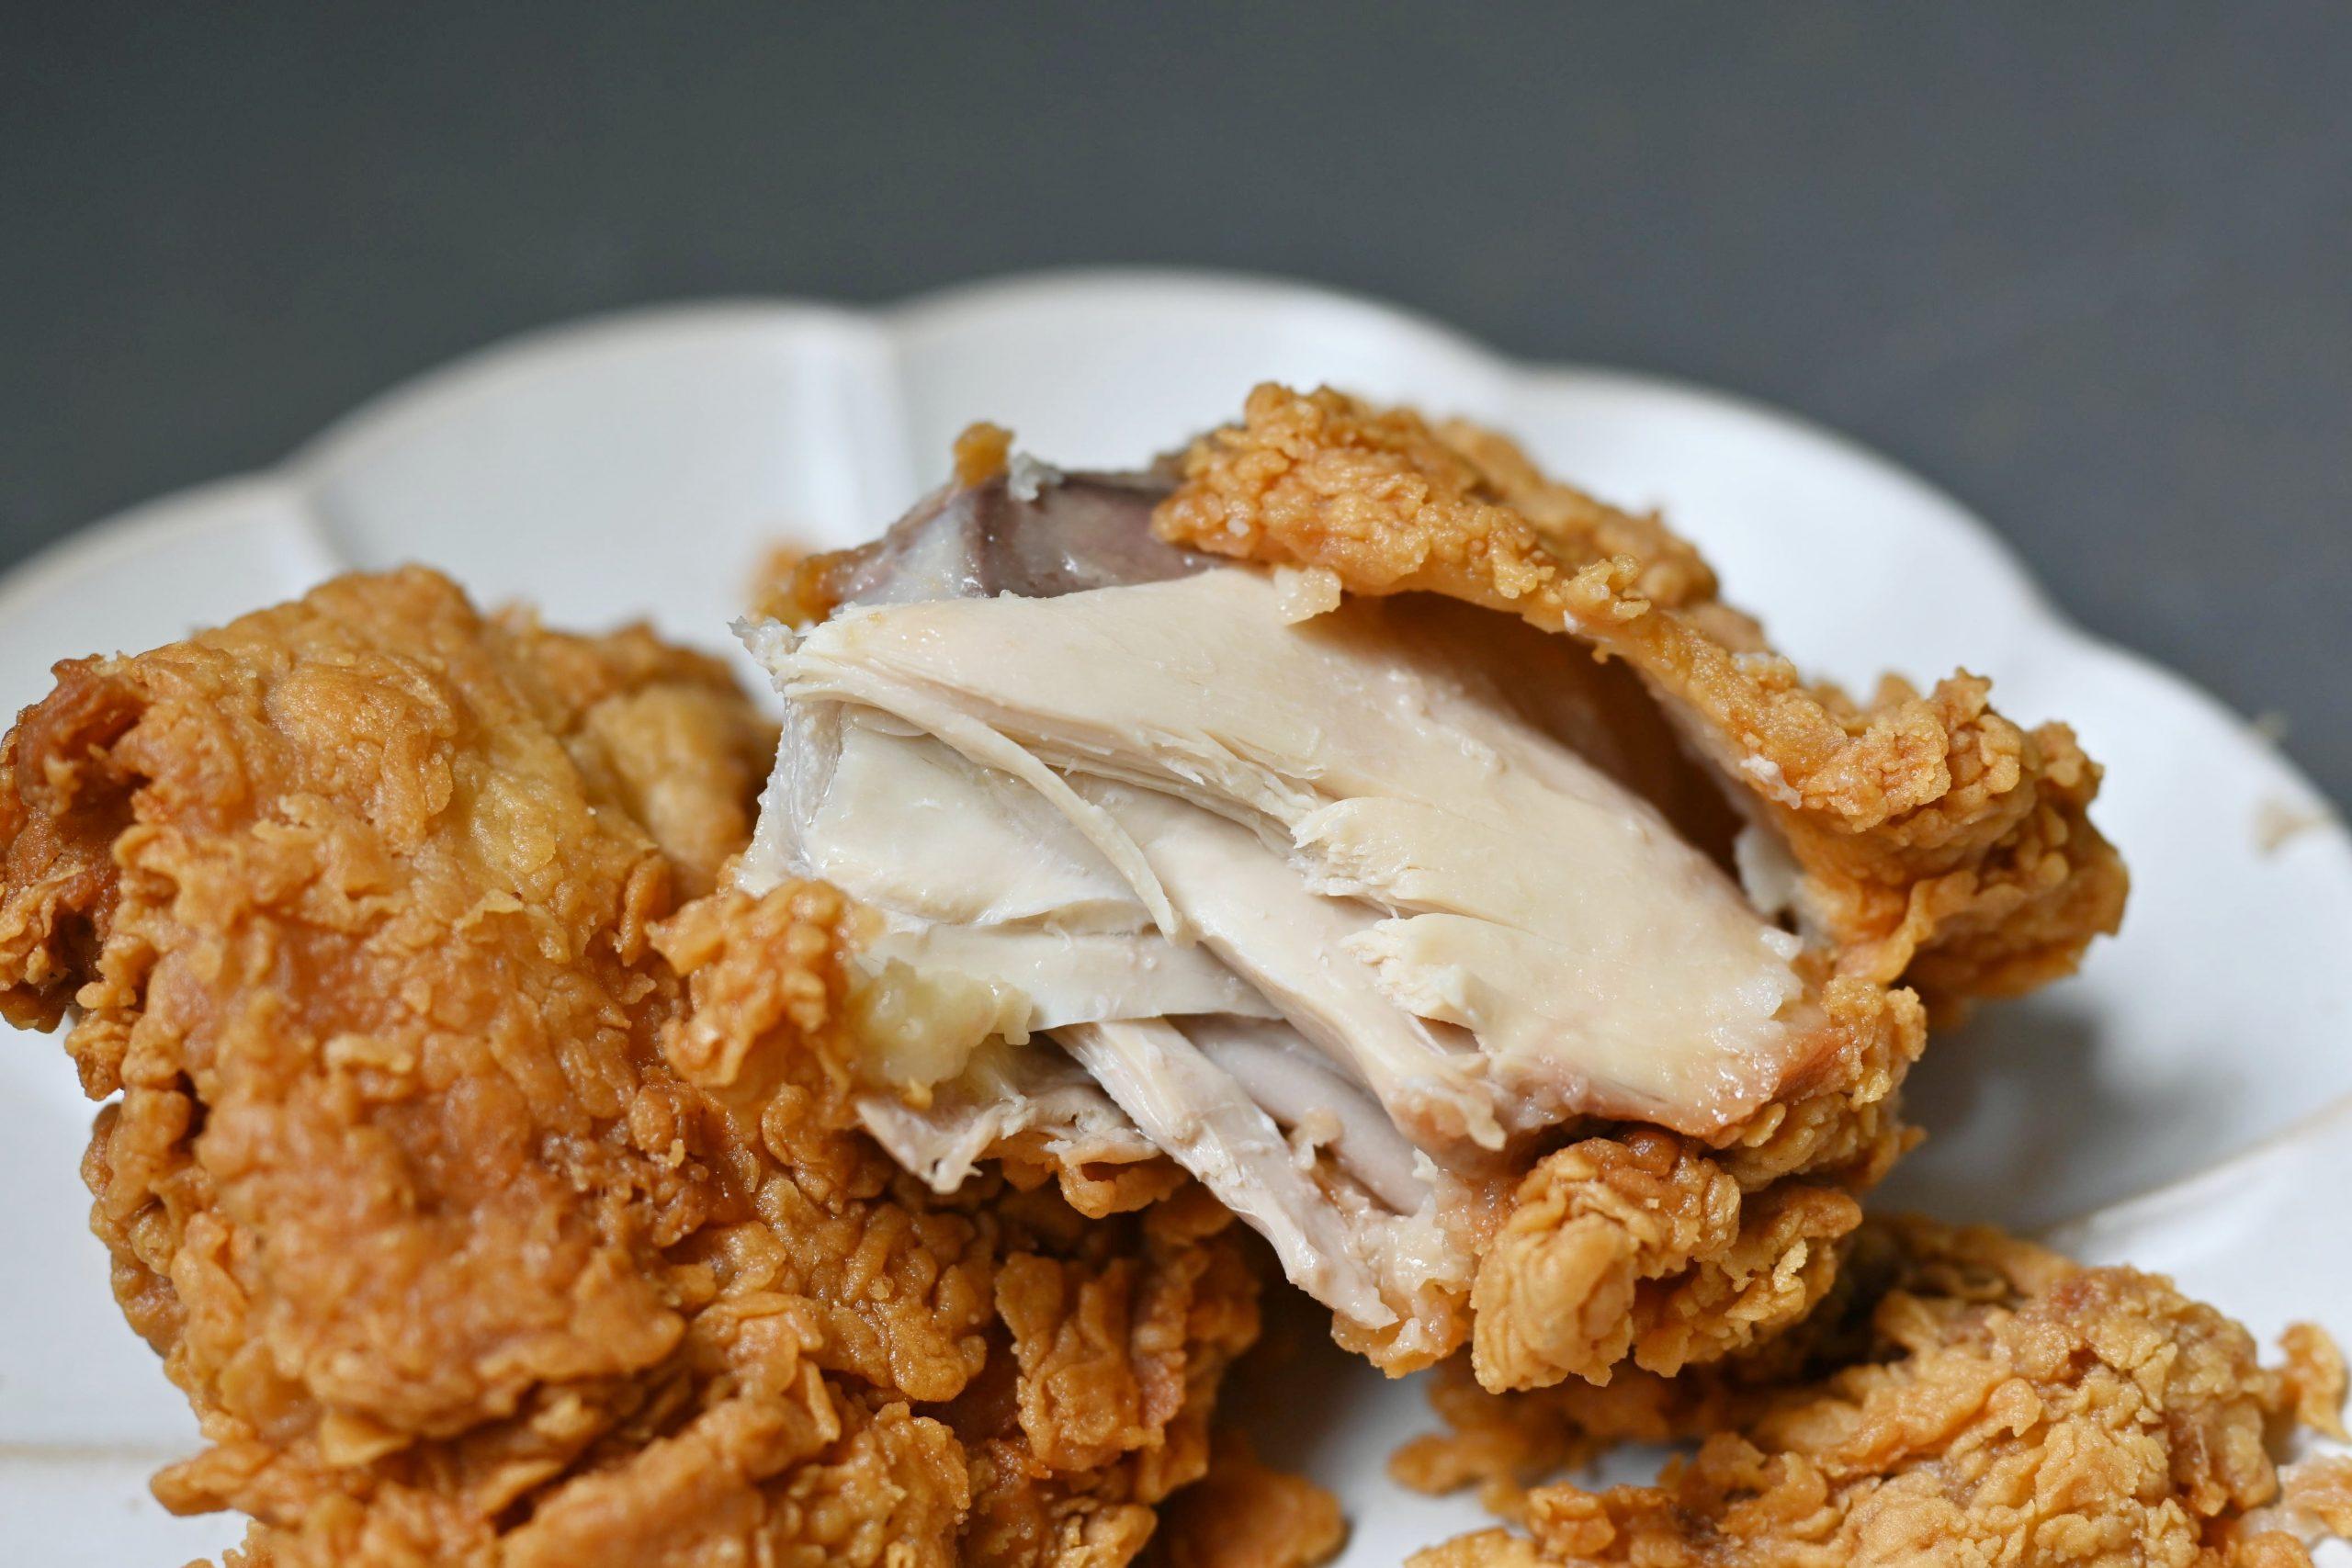 今日熱門文章:【天母美食】德州美墨炸雞天母總店,台北炸雞就是美墨最好吃 (菜單)